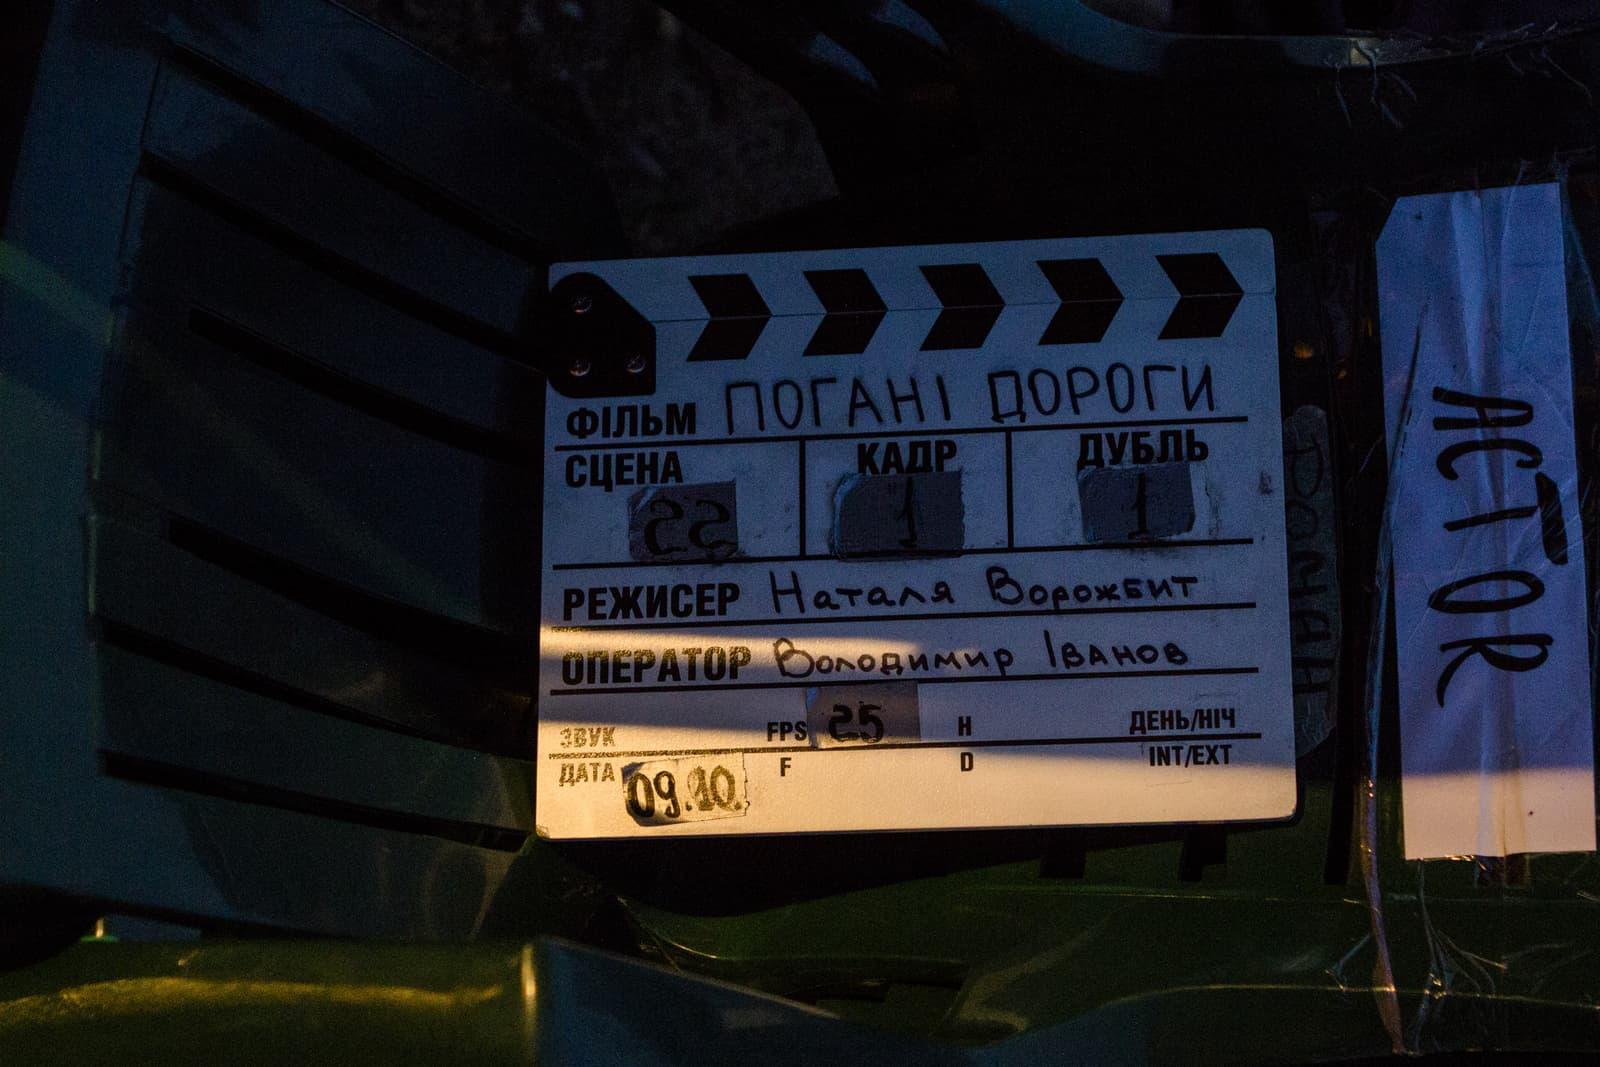 Погані дороги Наталки Ворожбит